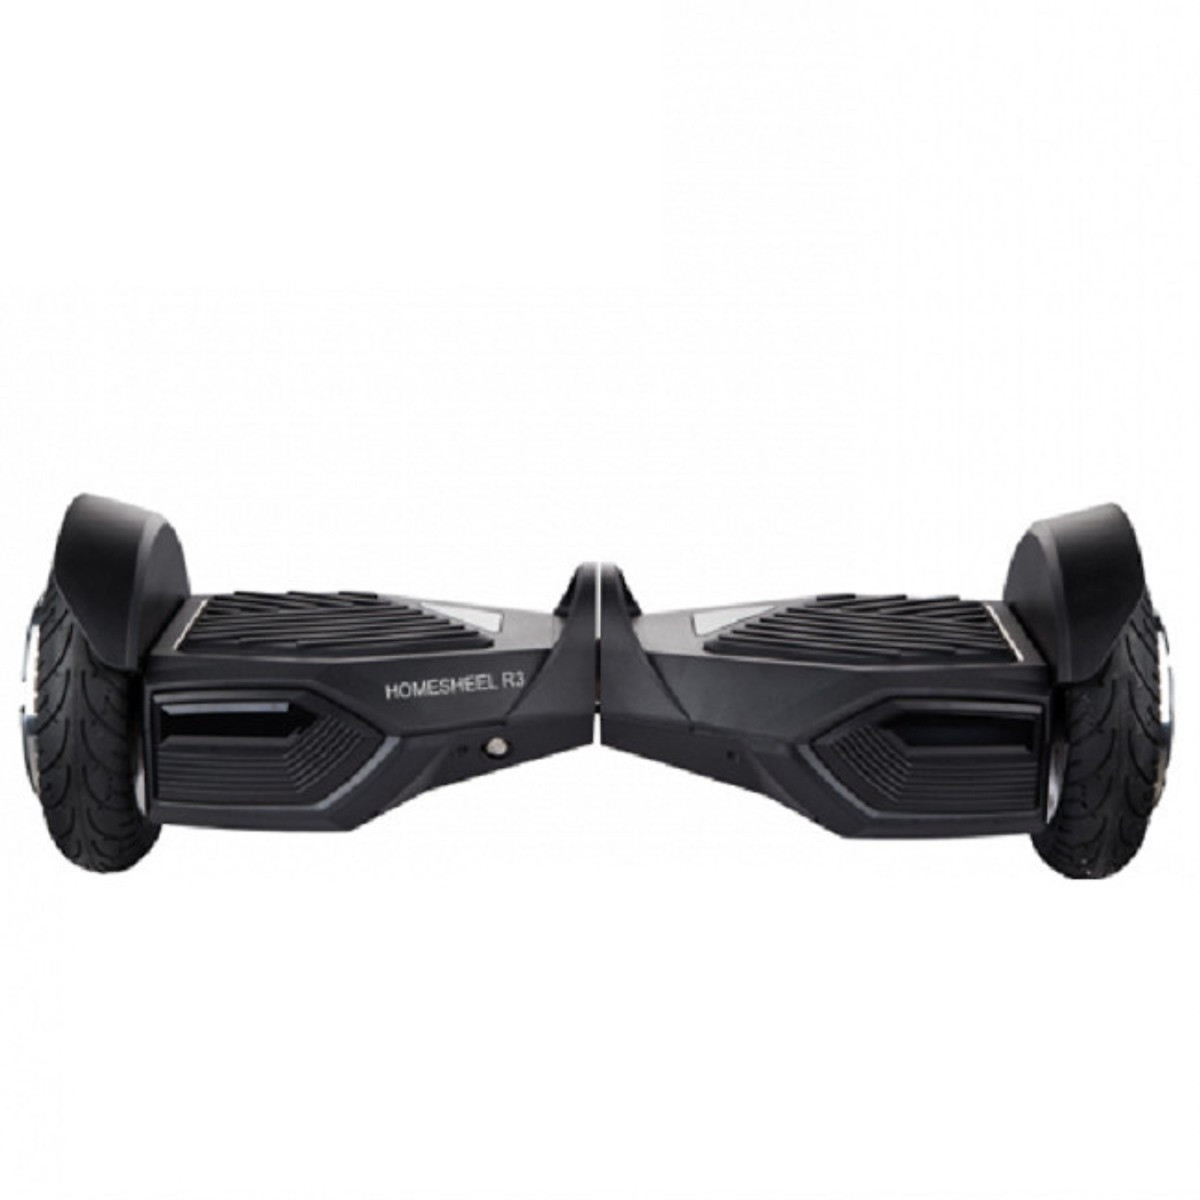 Đánh giá, review Xe điện cân bằng Homesheel R3 mẫu mới